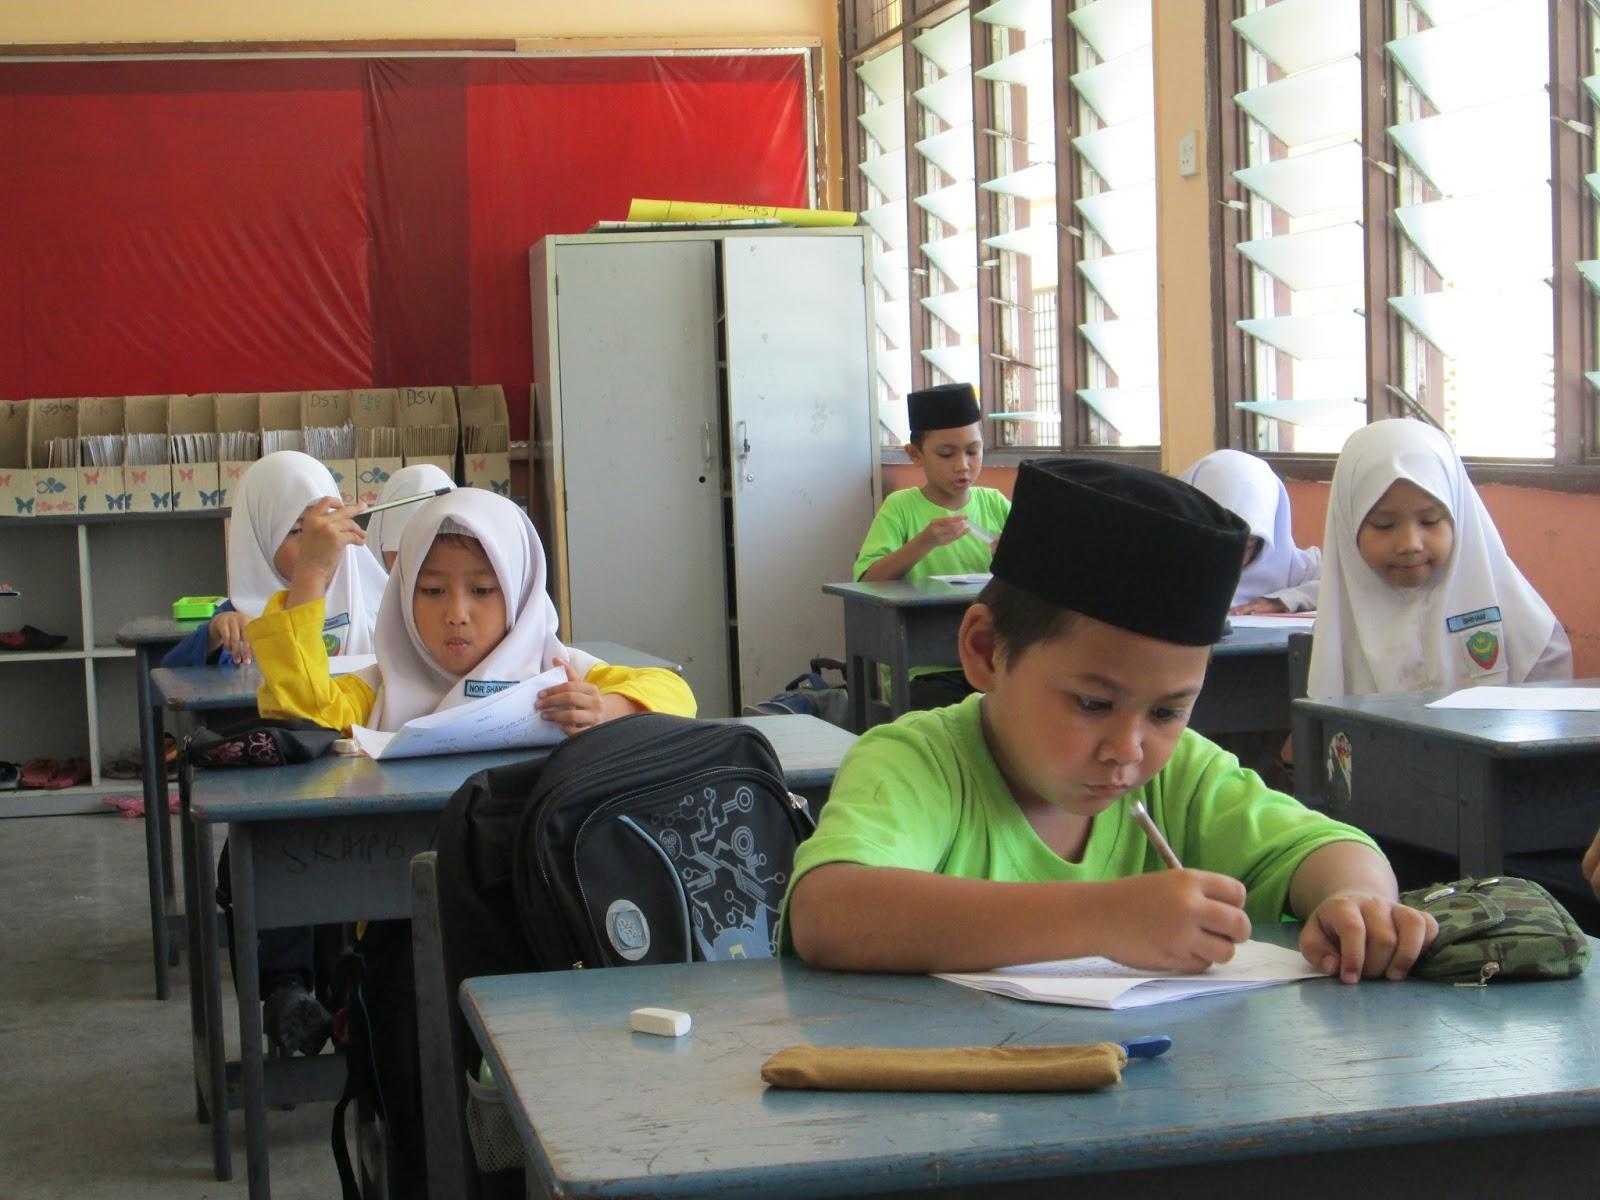 Bahasa Malaysia Berakit Rakit Ke Hulu Berenang Renang Ketepian Bersakit Sakit Dahulu Bersenang Senang Kemudian